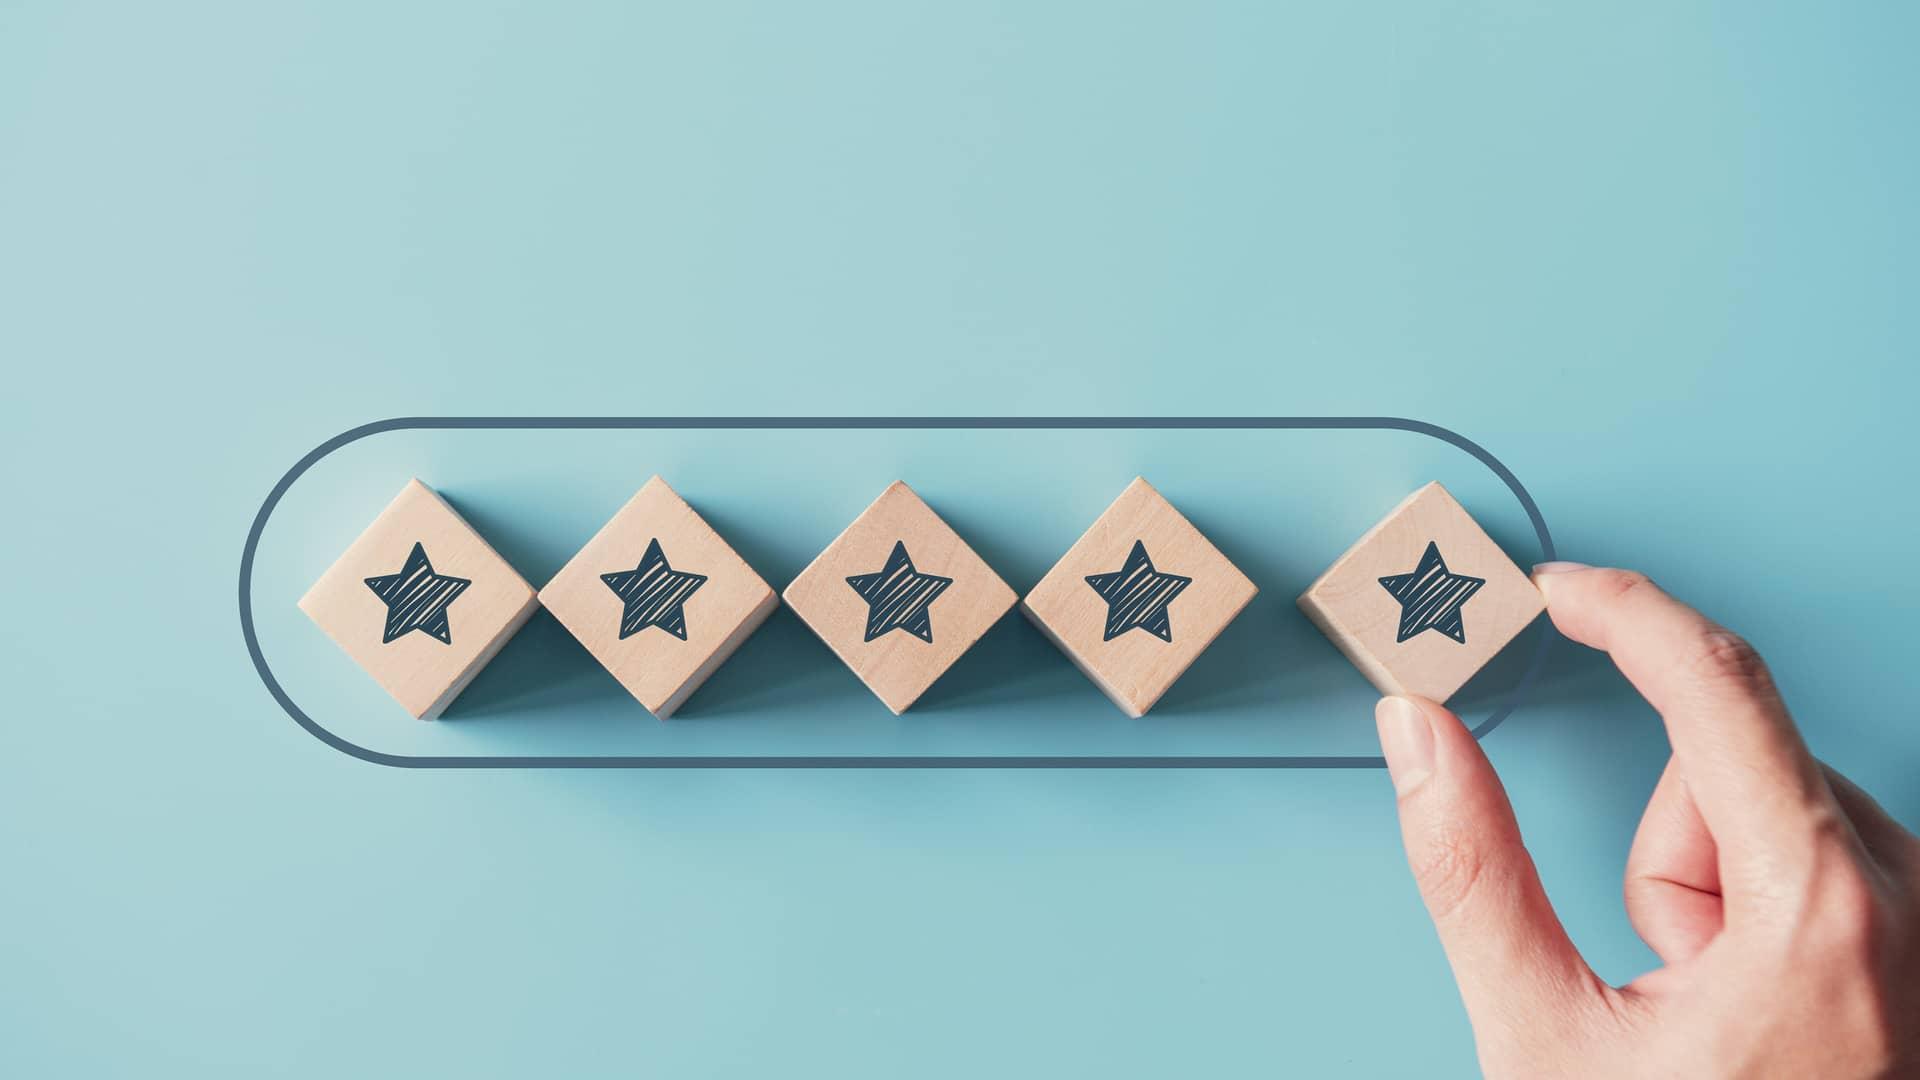 5 estrellas simboliza la opinión sobre euskaltel